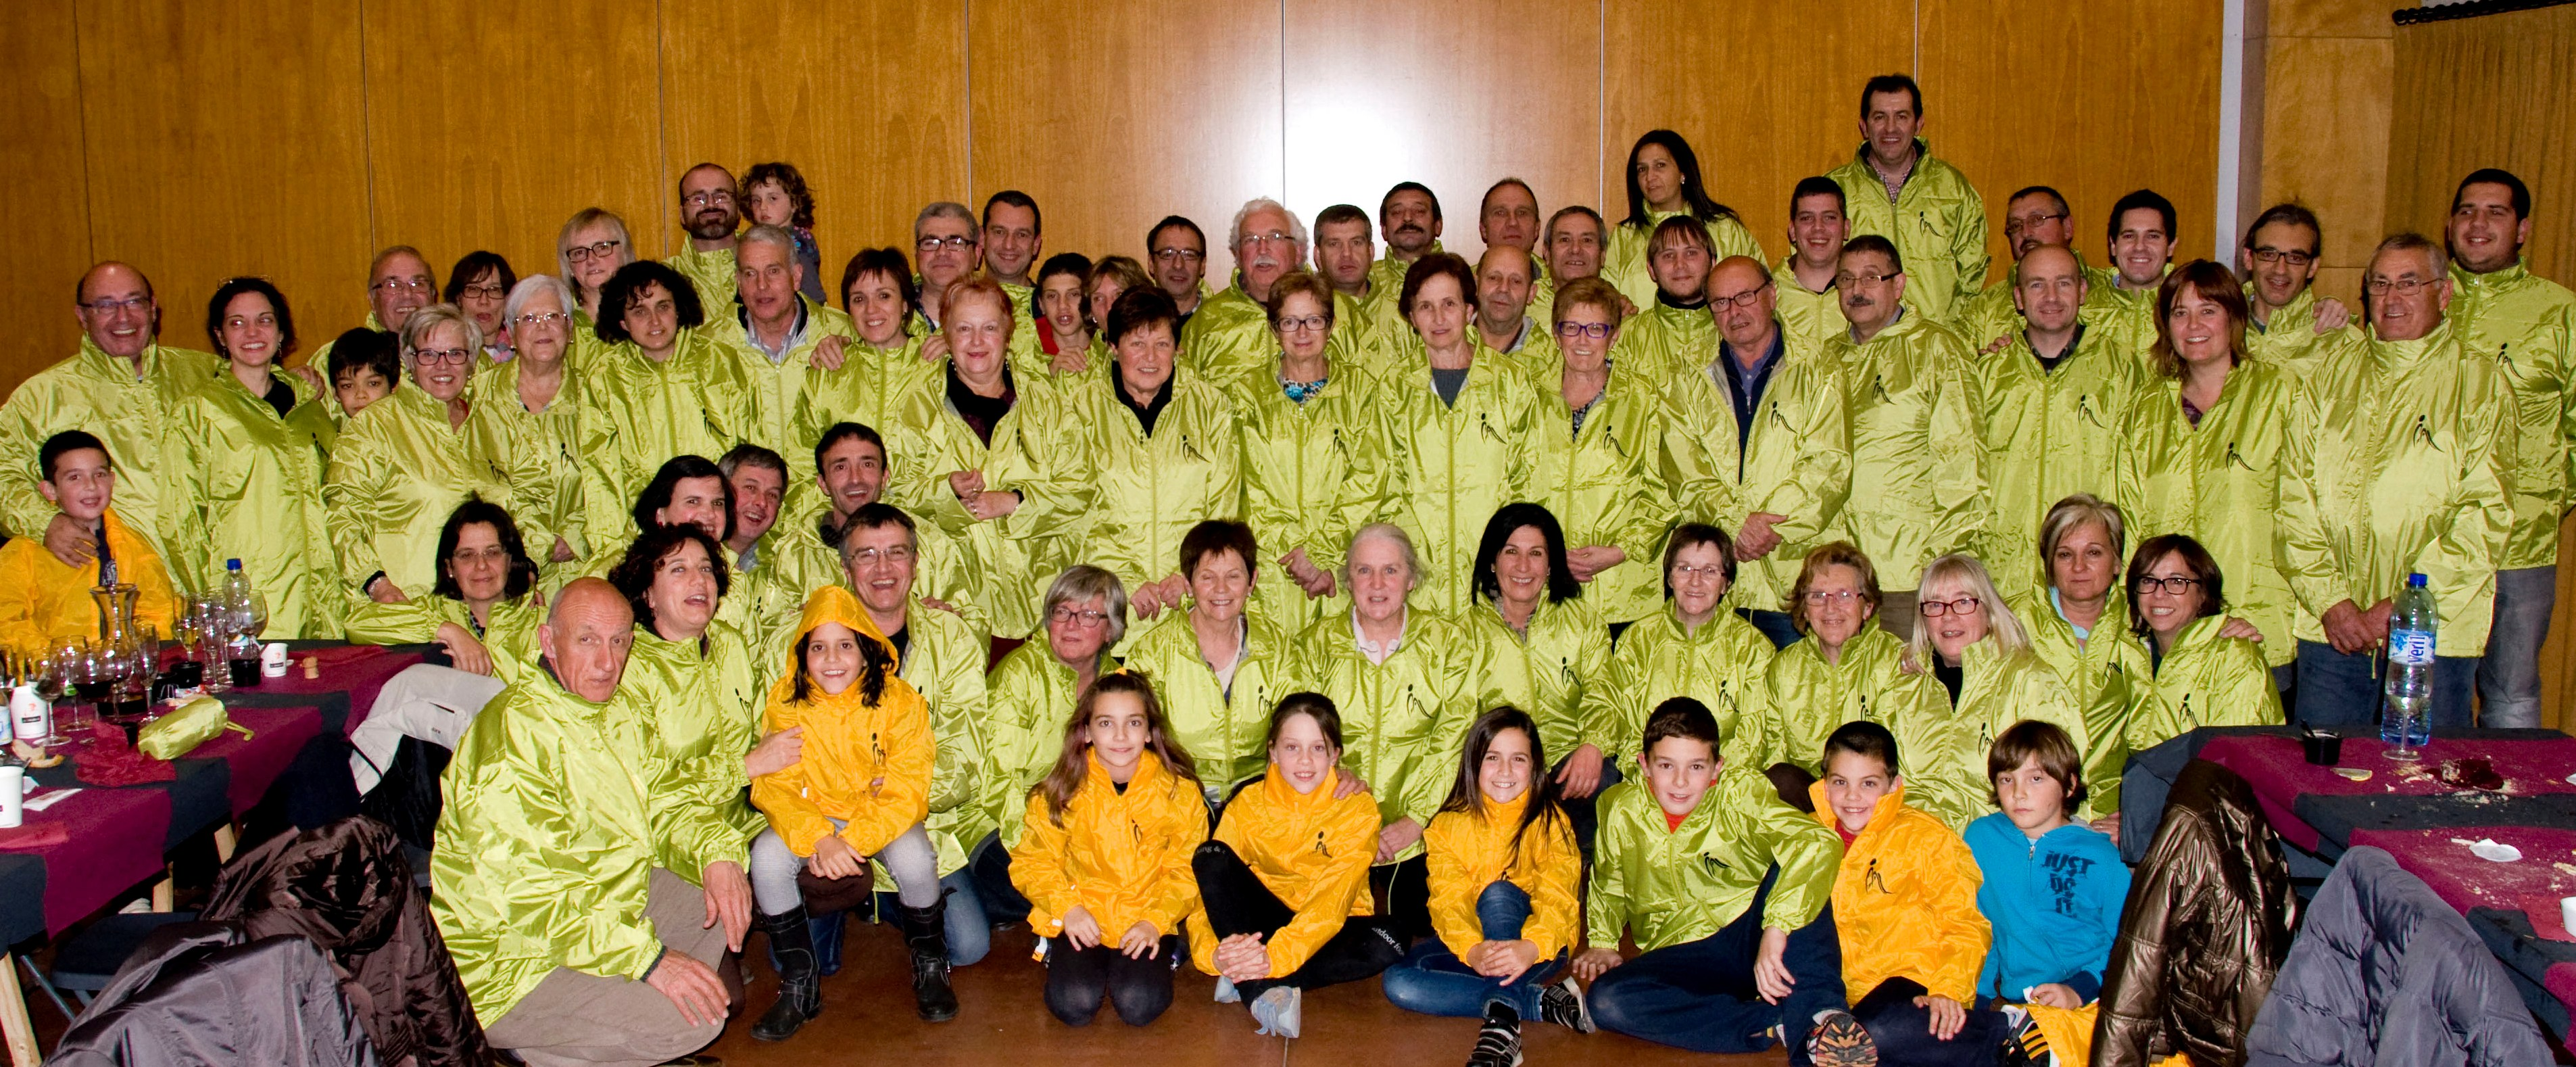 Els voluntaris dels avituallaments amb l'impermeable de la Marxa (Foto: R. Curtichs)